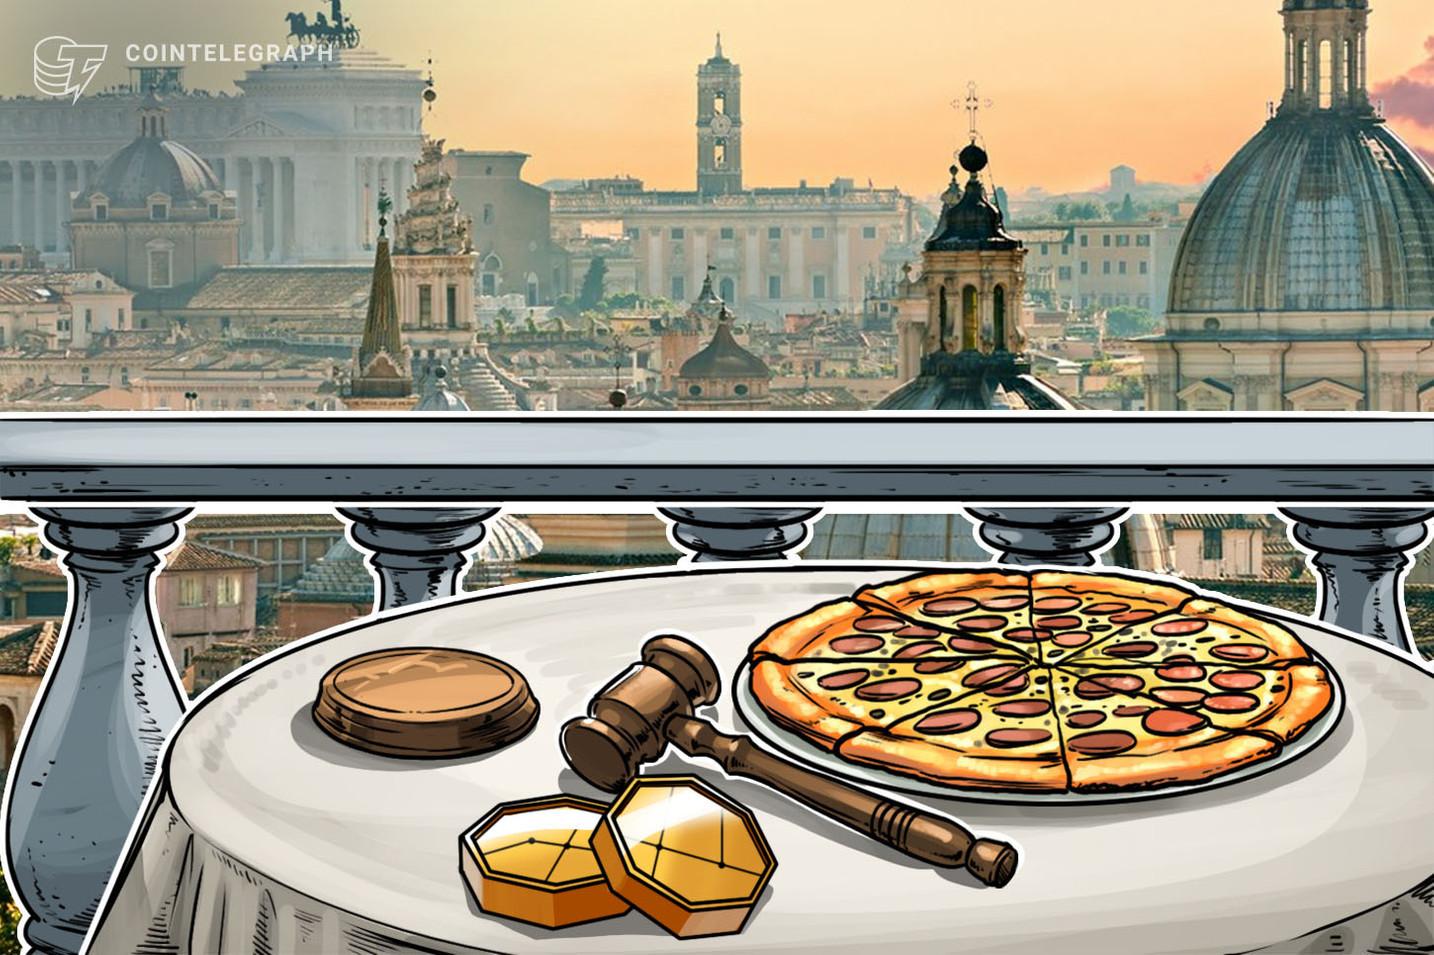 Italien: Börsenaufsicht spricht Verbot gegen Krypto-Firma und deren Kryptowährung aus